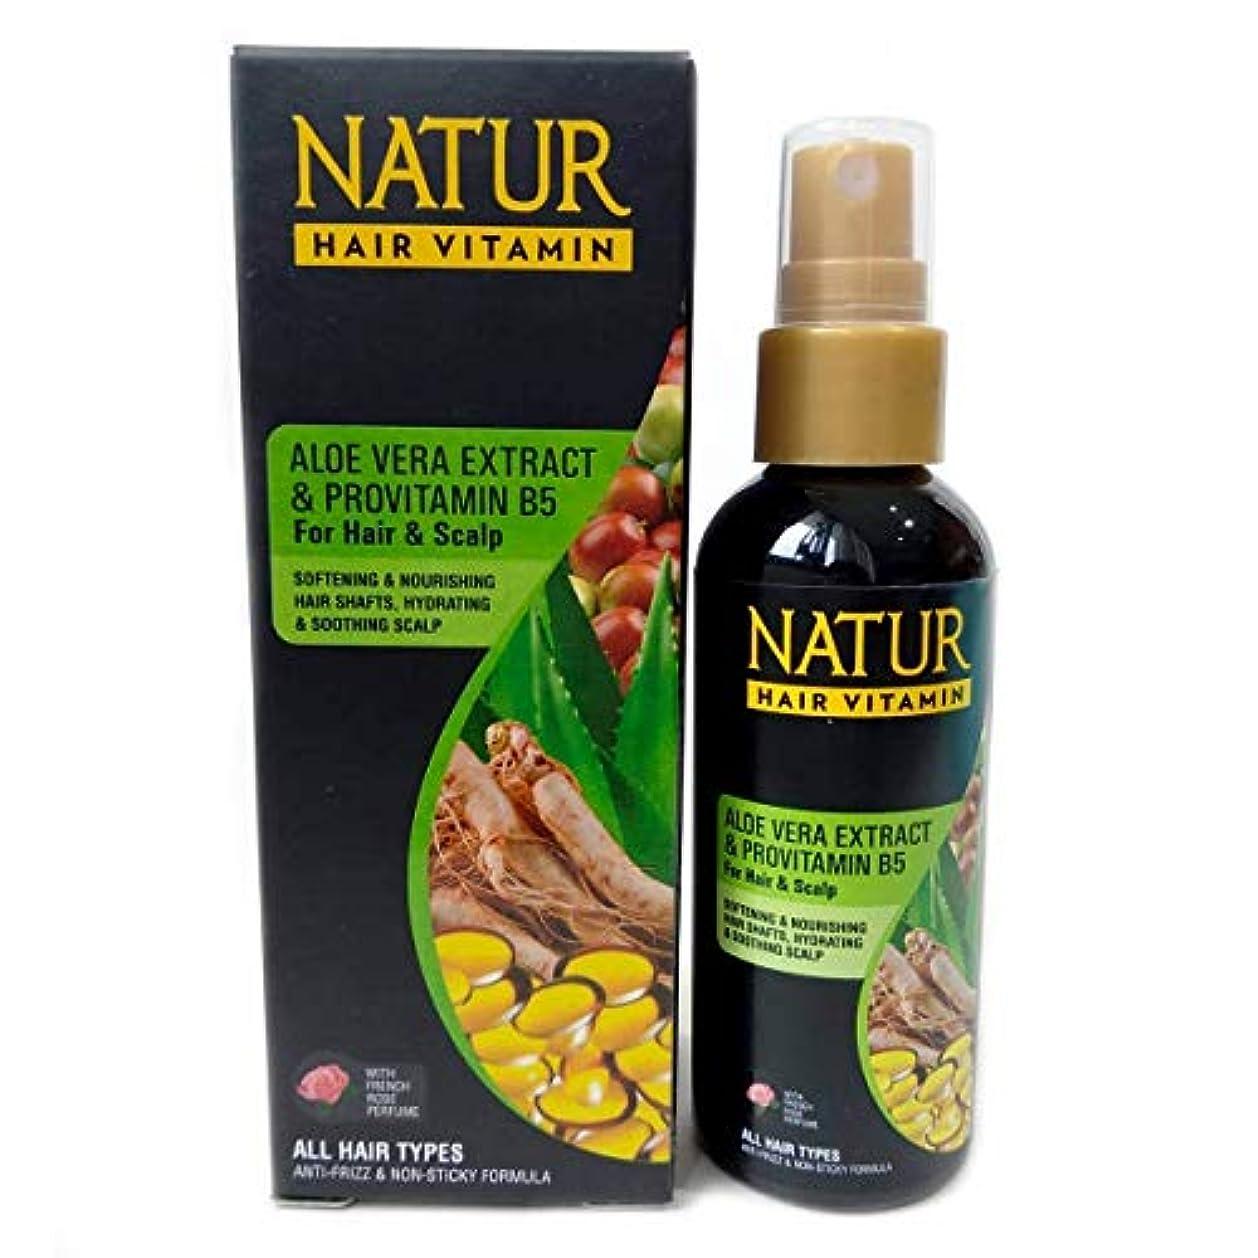 掘る予感オーストラリアNATUR ナトゥール 天然植物エキス配合 Hair Vitamin ハーバルヘアビタミン 80ml Aloe vera&Provitamin B5 アロエベラ&プロビタミンB5 [海外直商品]